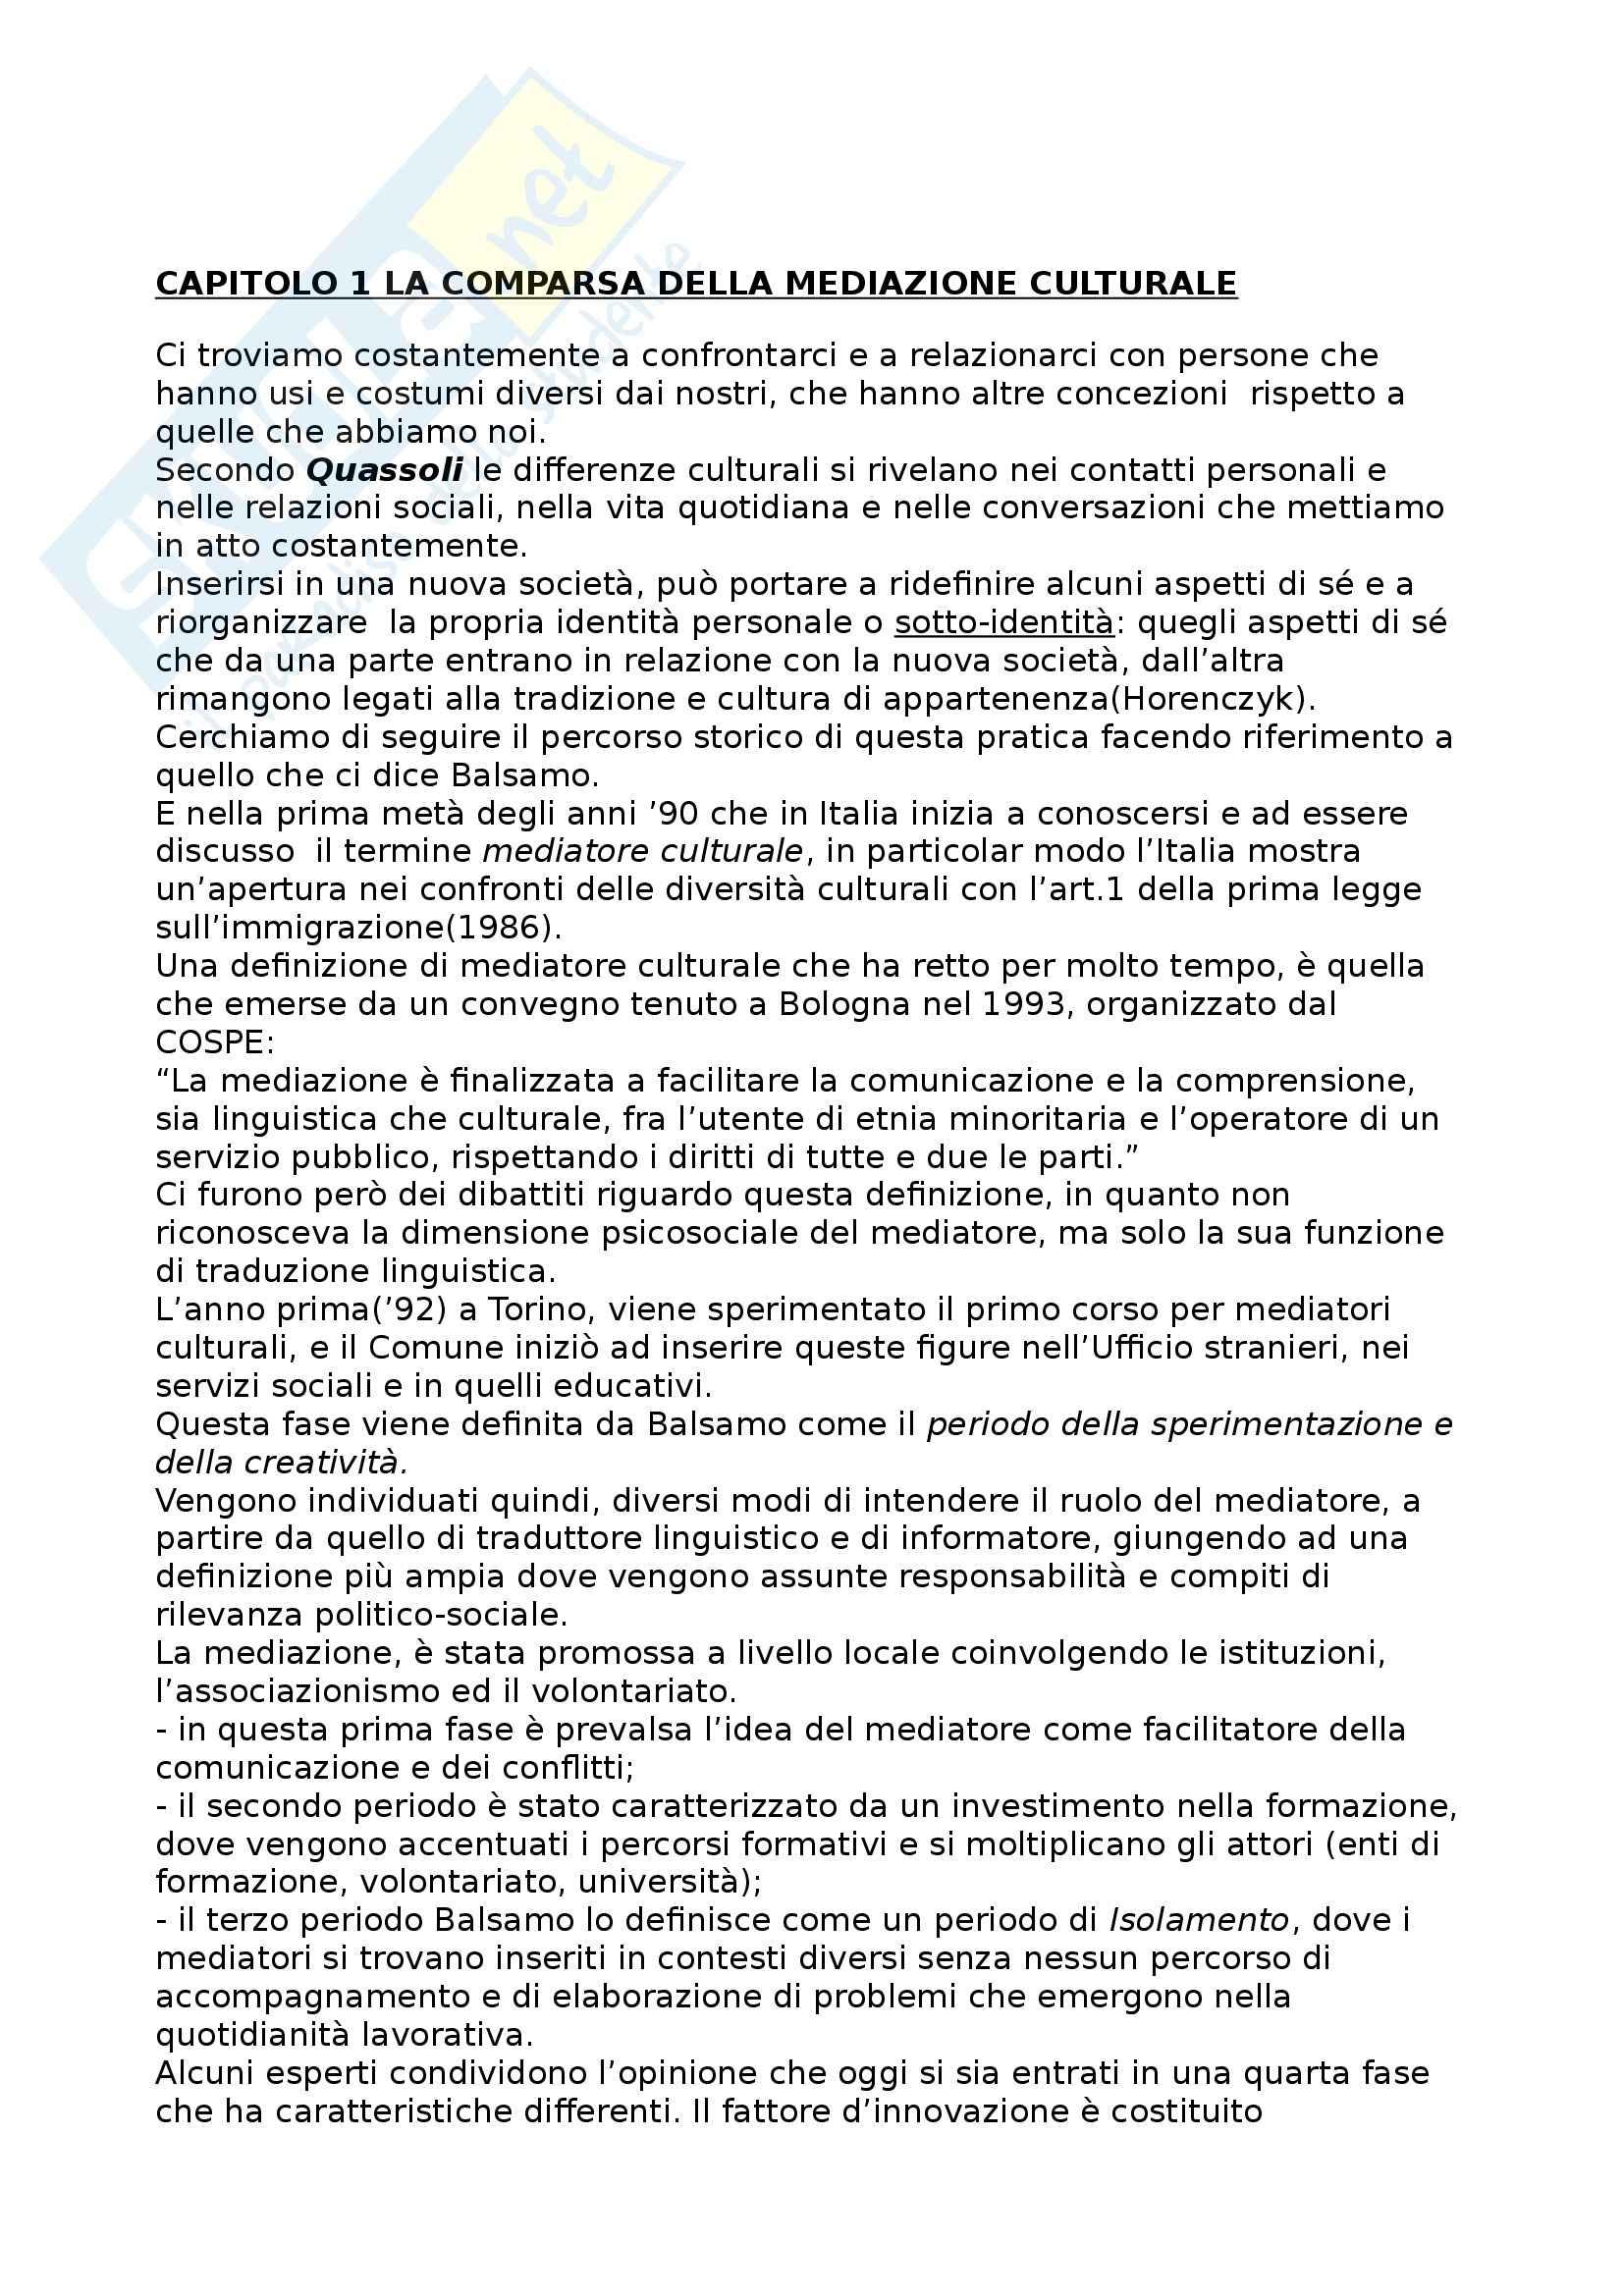 Riassunto esame Tecniche di Intervento nella Mediazione Culturale, prof. Villano, libro consigliato Culture e Mediazioni di Villano e Ricci